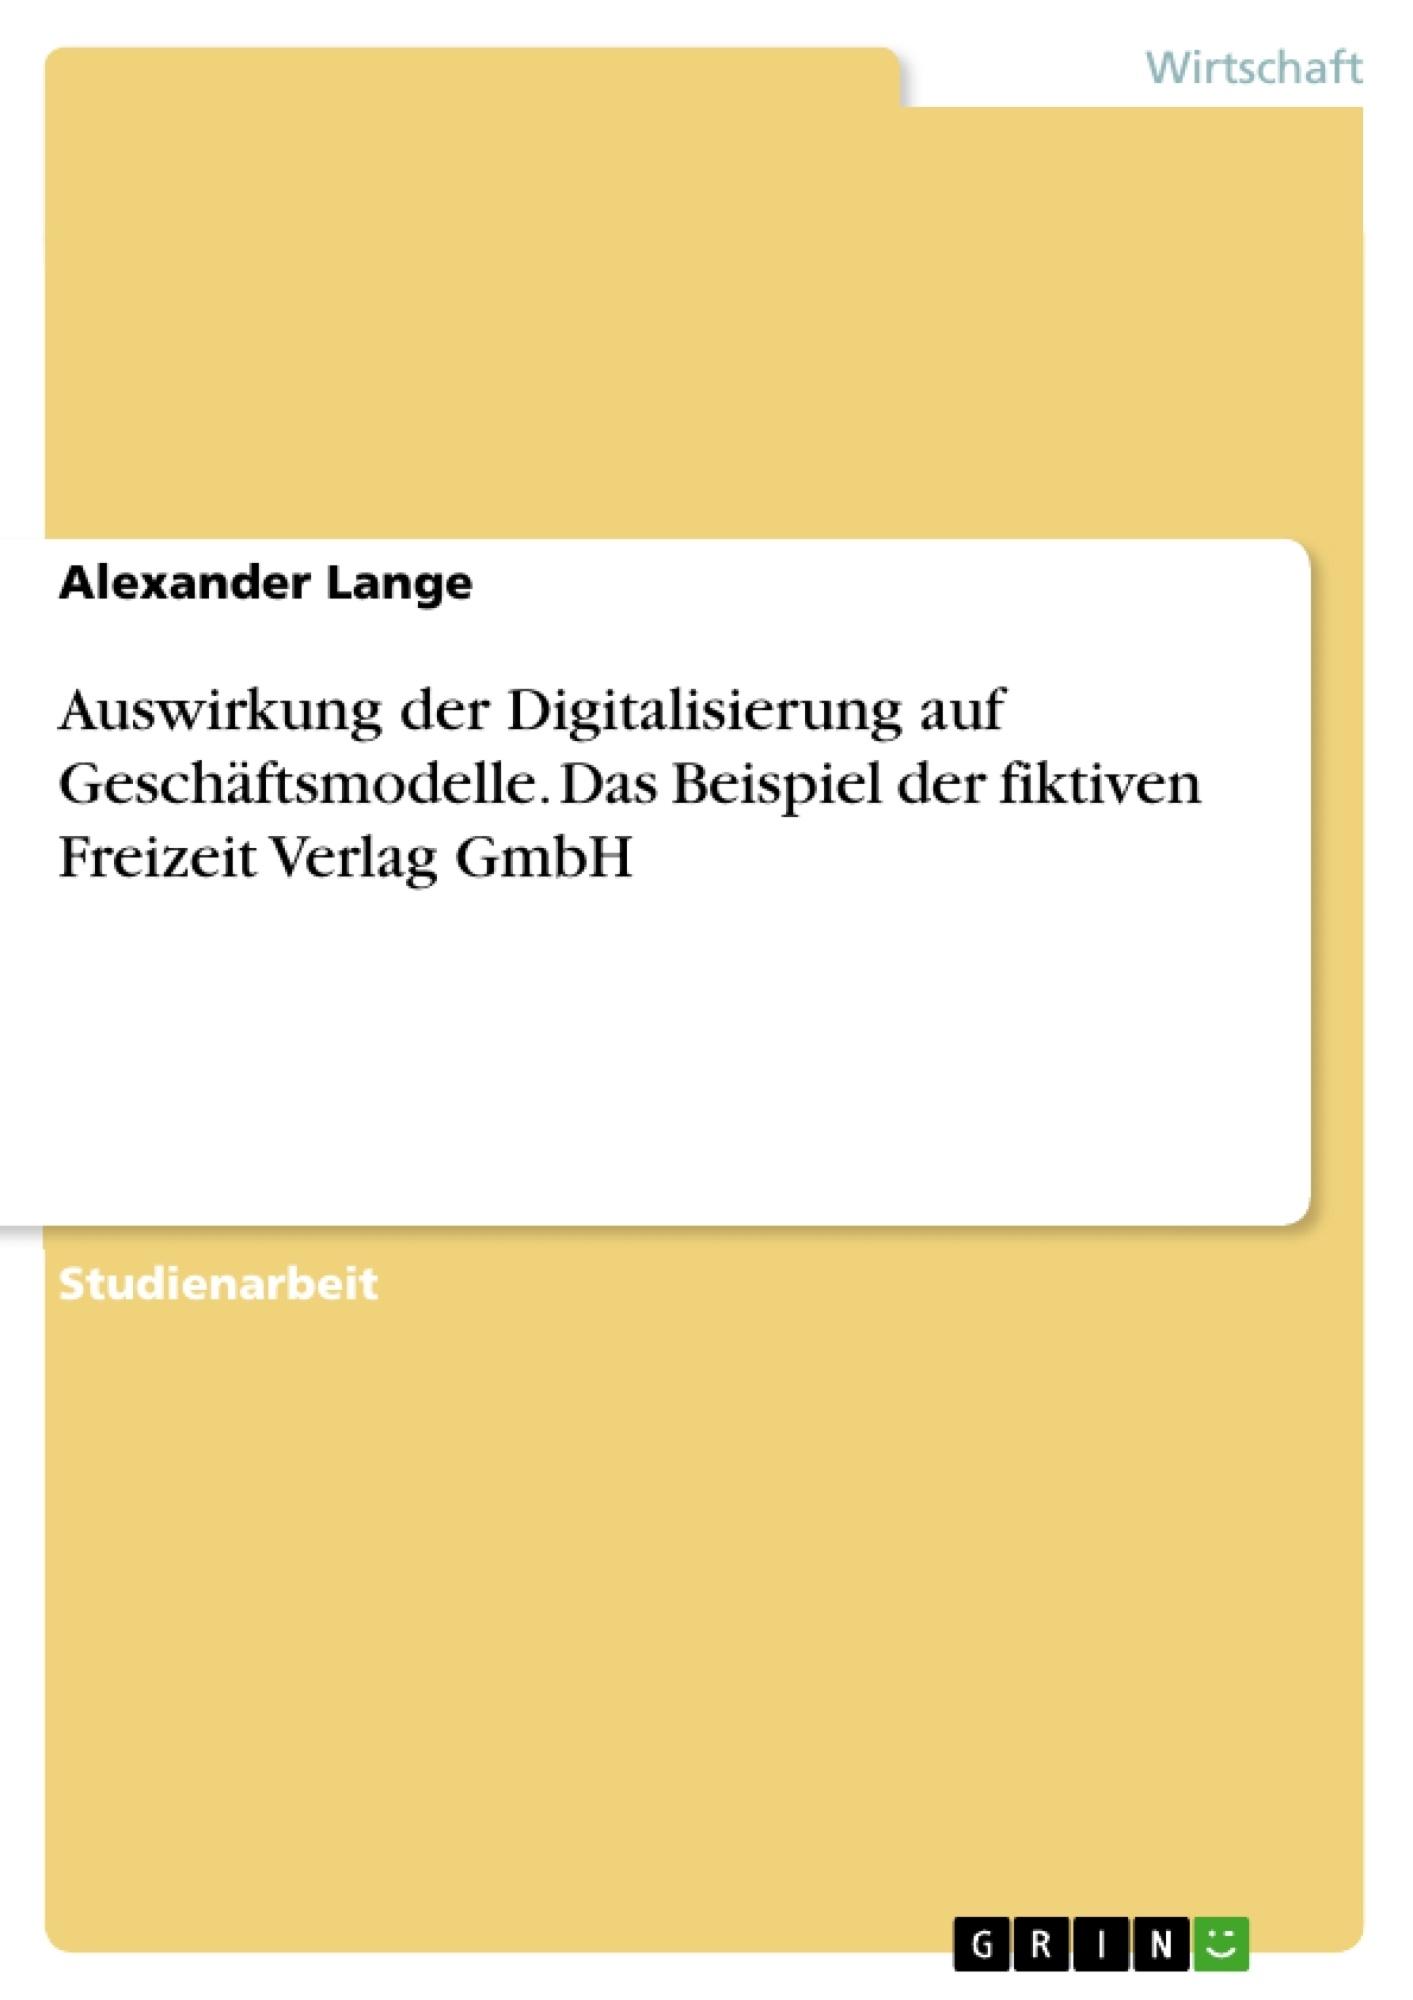 Titel: Auswirkung der Digitalisierung auf Geschäftsmodelle. Das Beispiel der fiktiven Freizeit Verlag GmbH